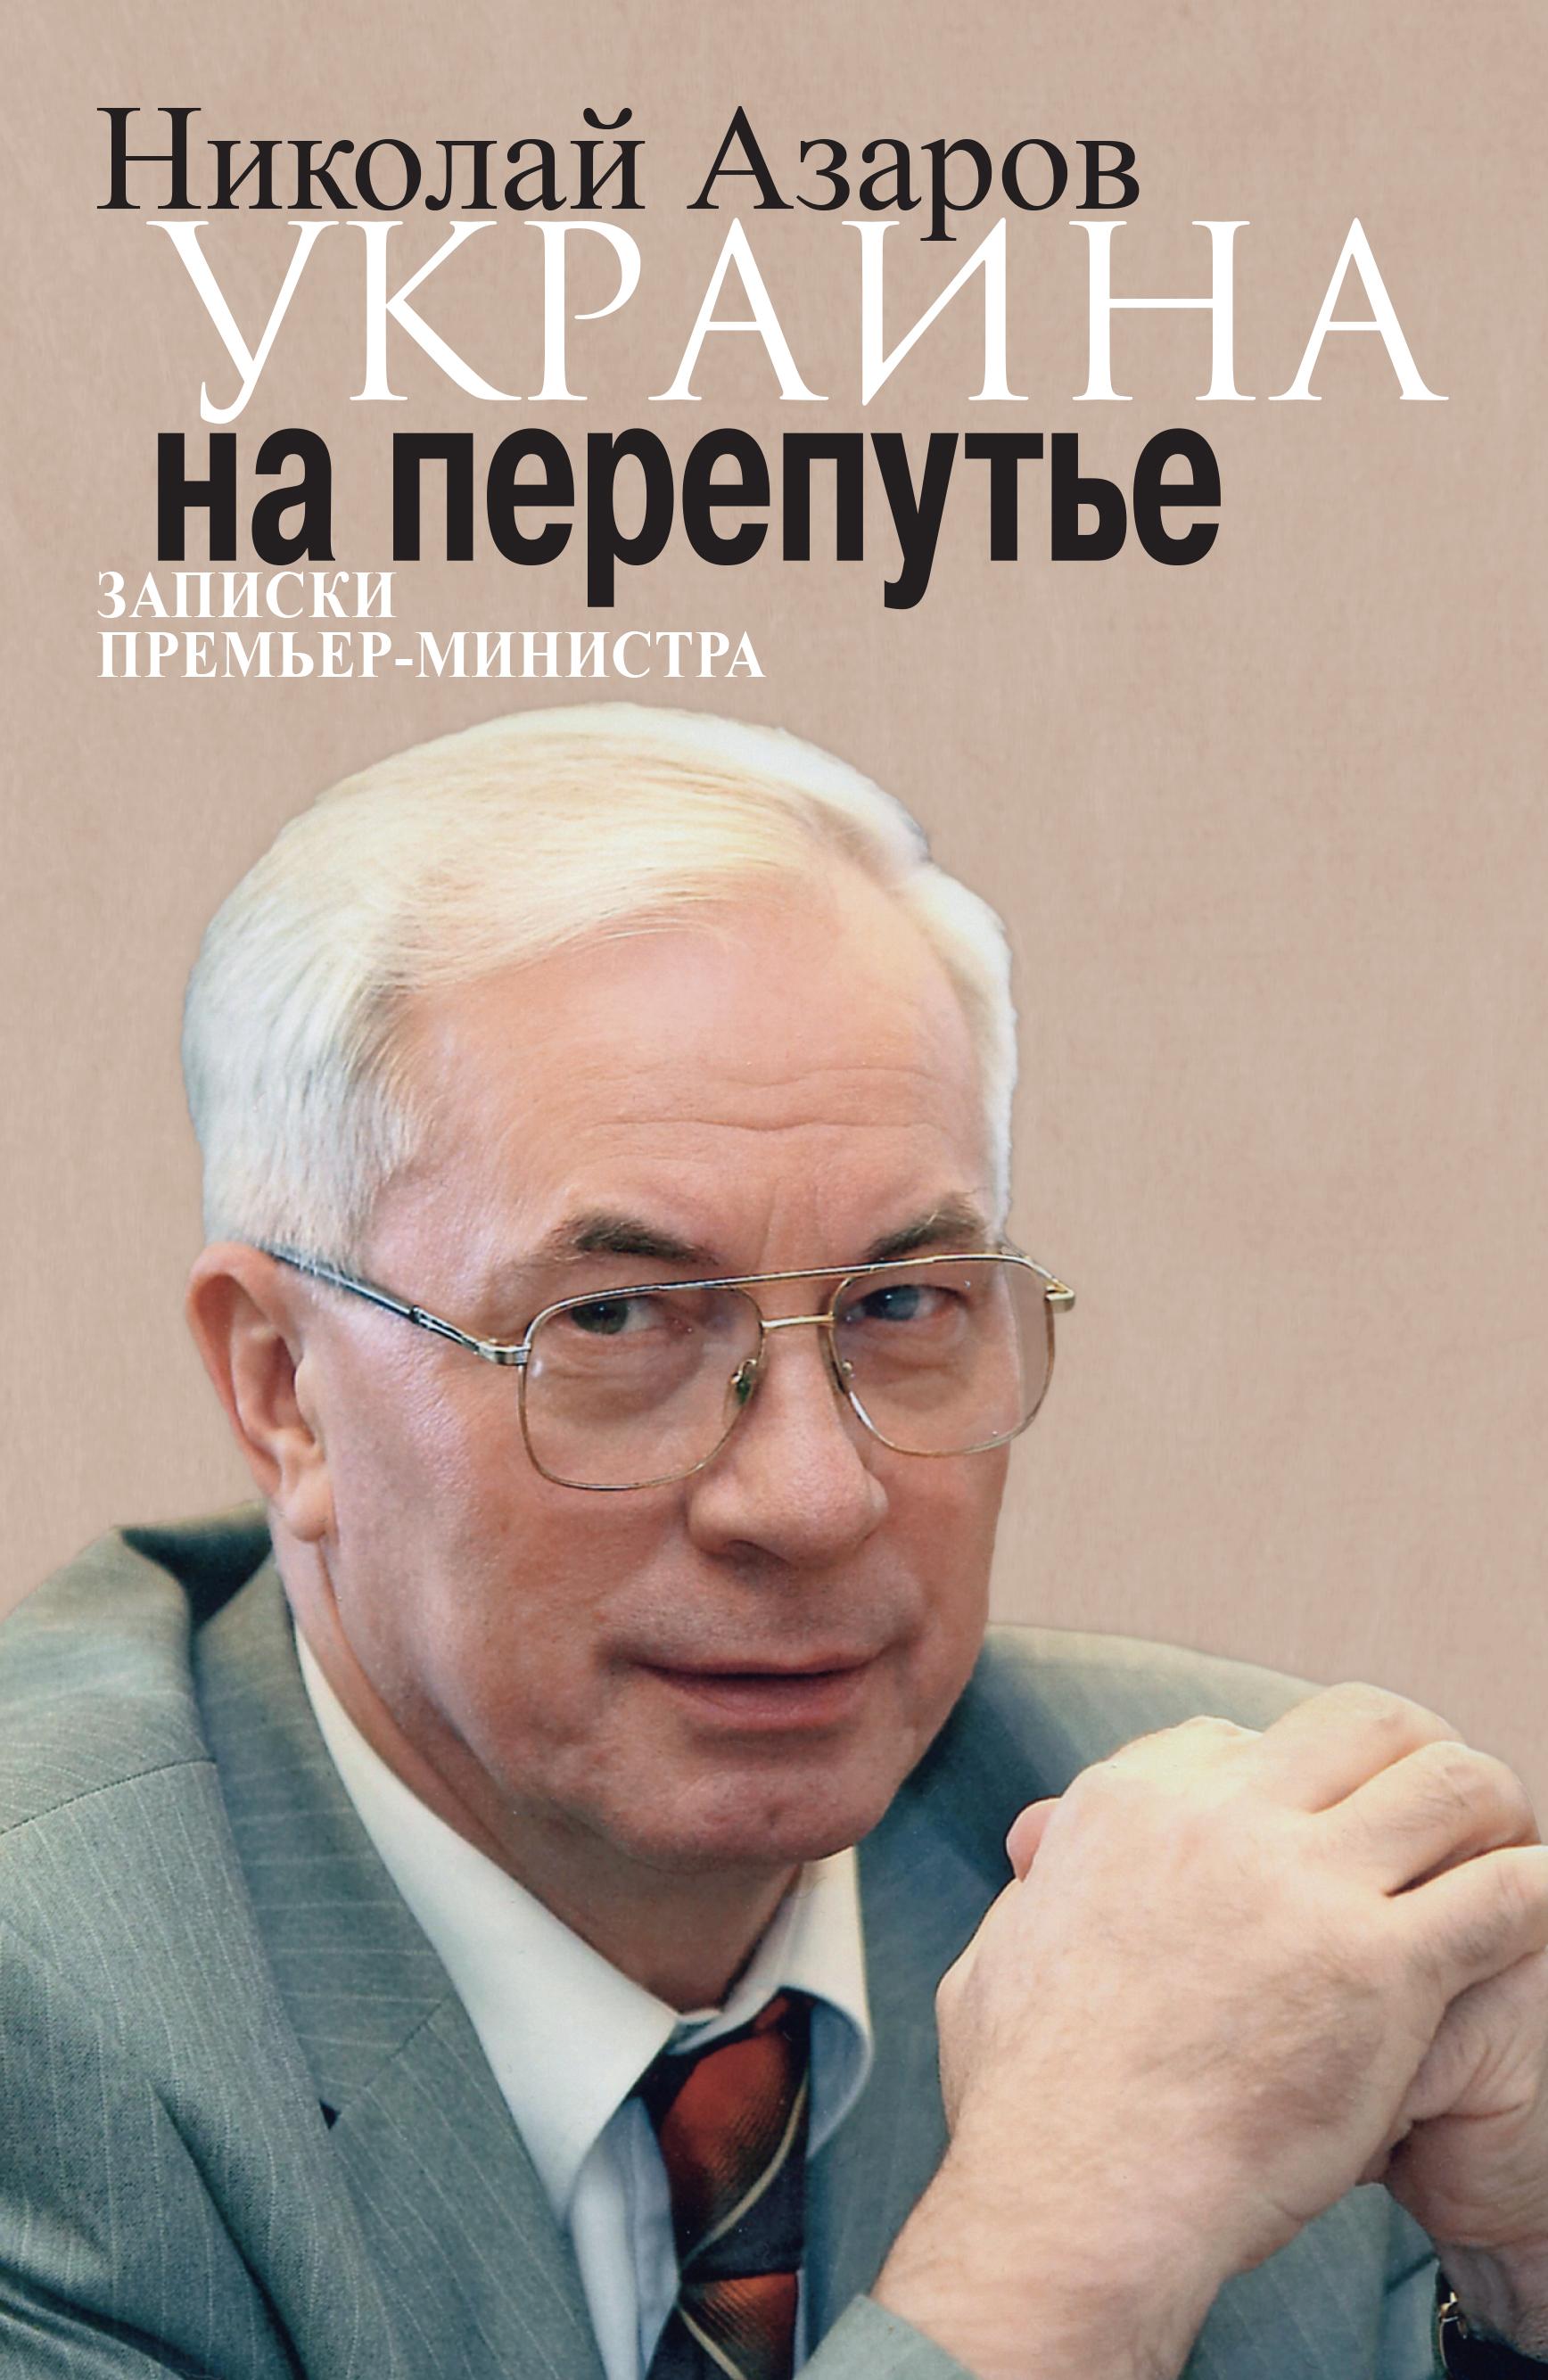 Николай Азаров Украина на перепутье. Записки премьер-министра